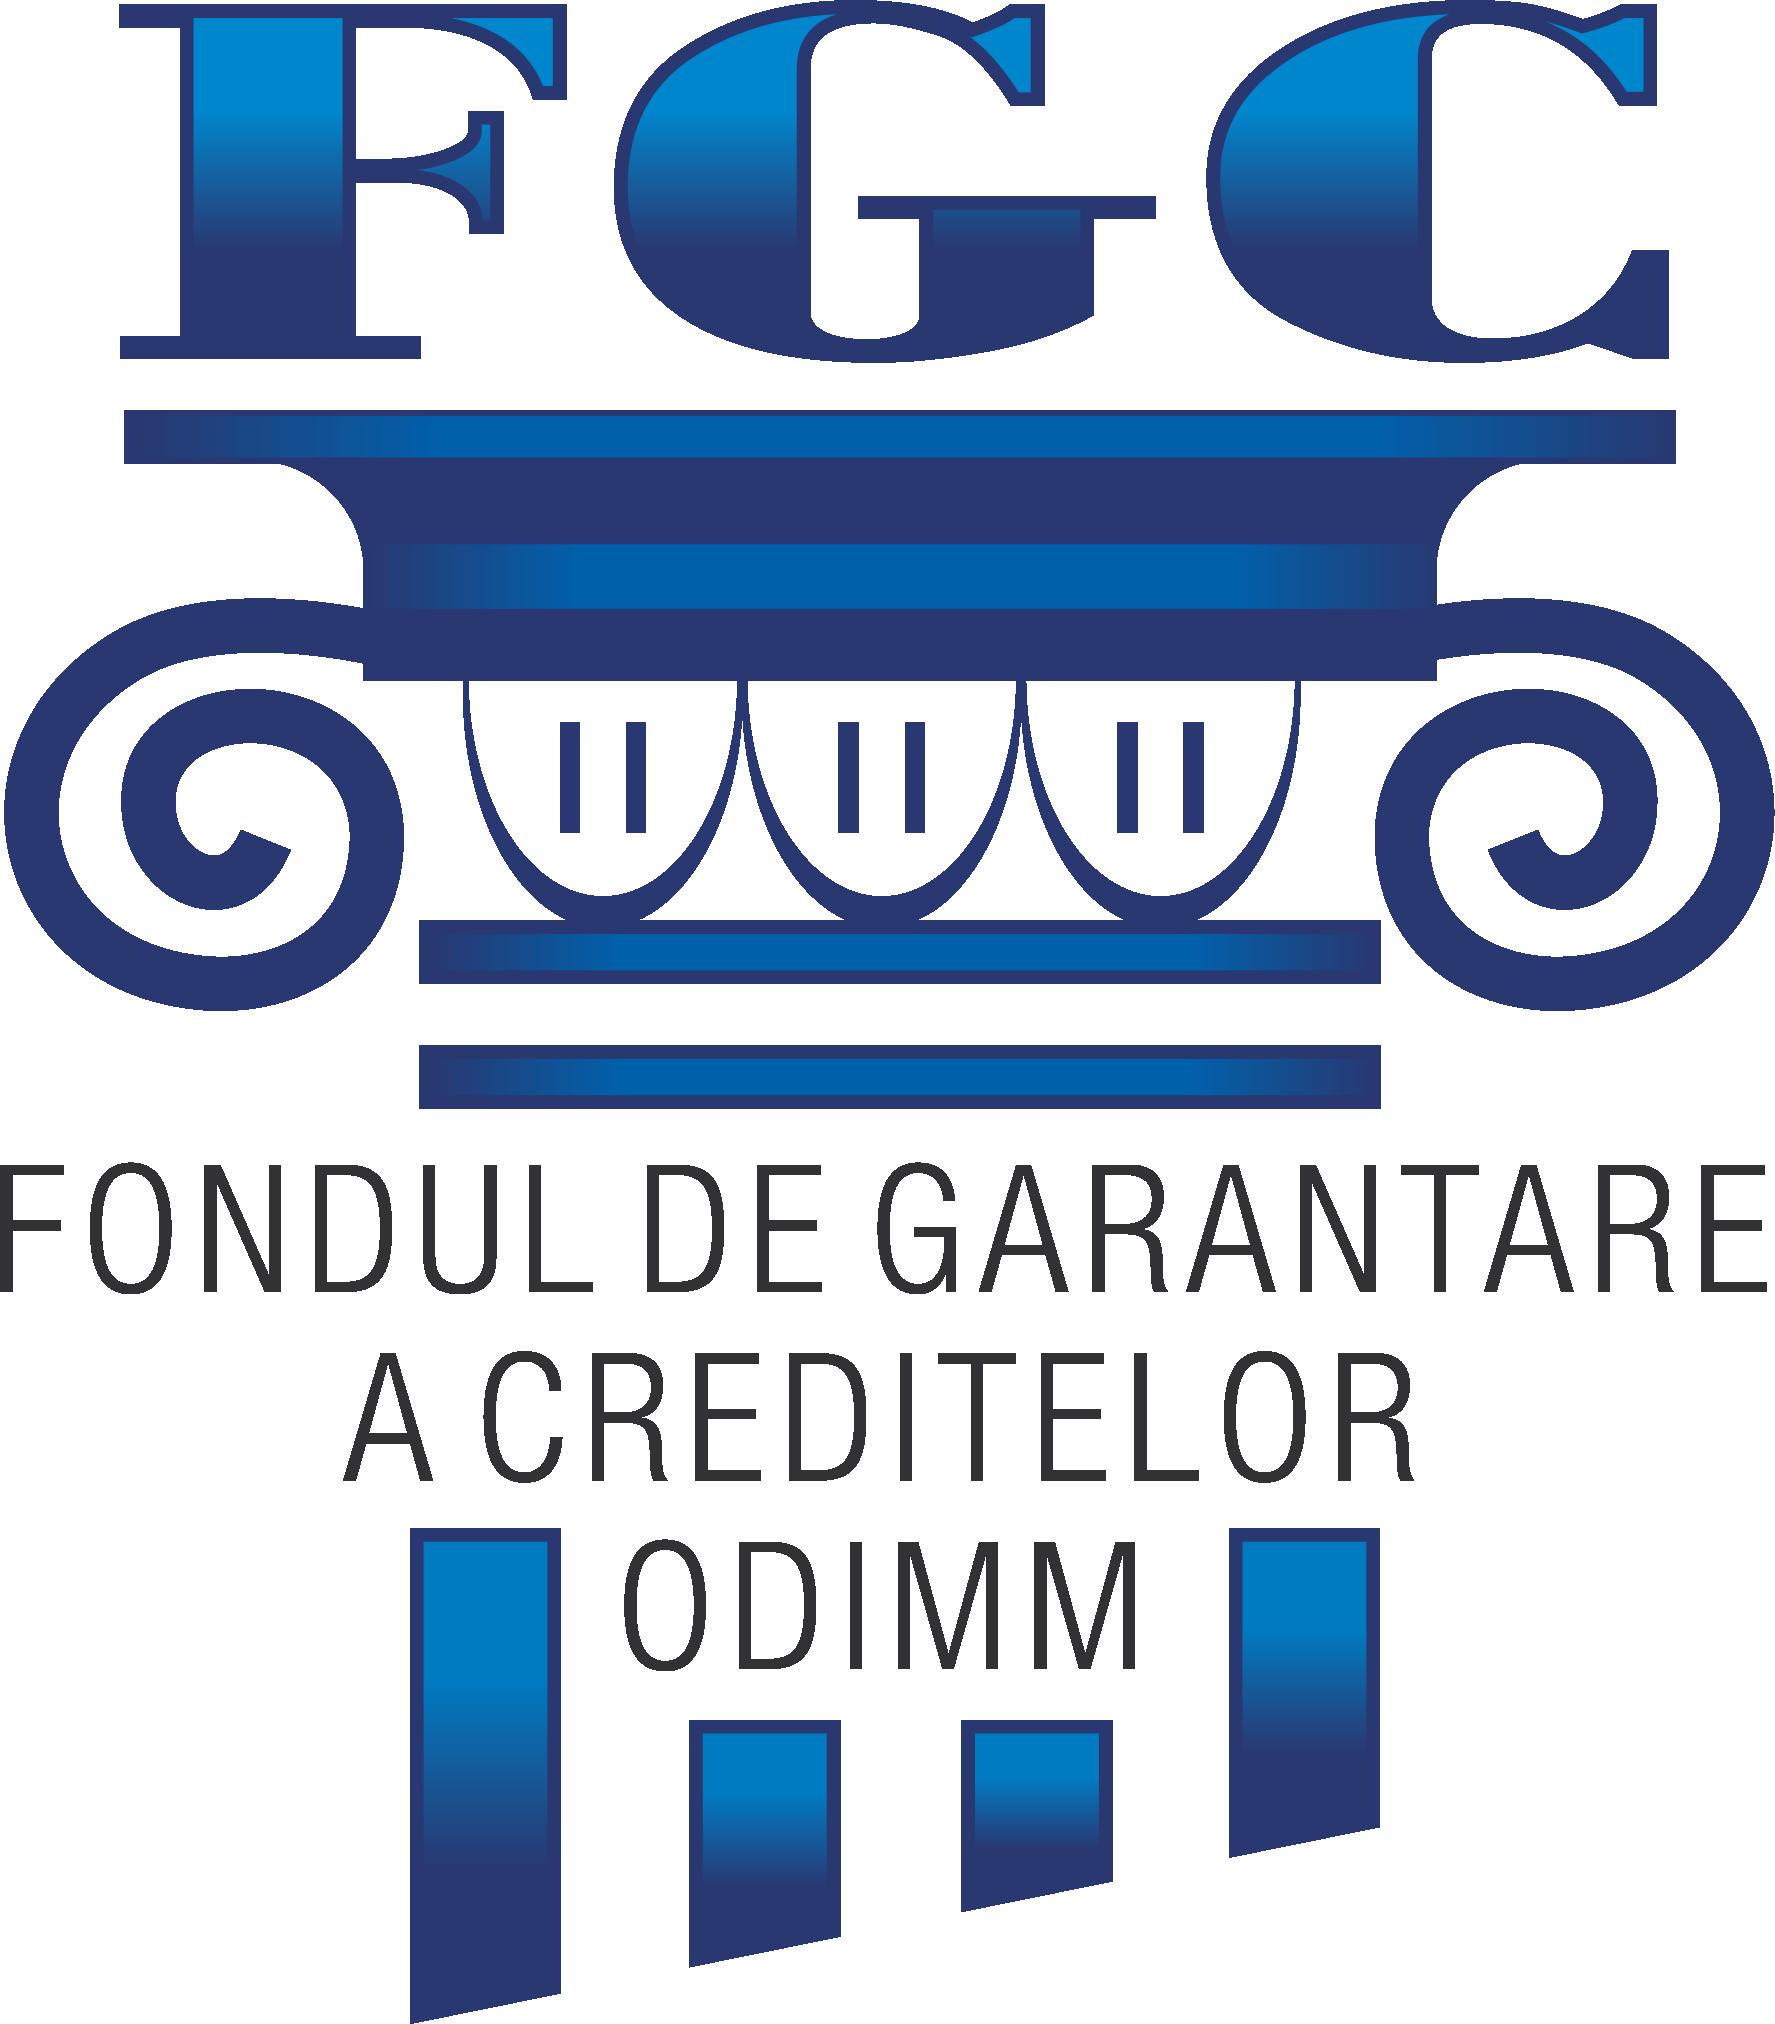 EuroCreditBank devenit partenerul ODIMM în cadrul Fondului de Garantare a Creditelor